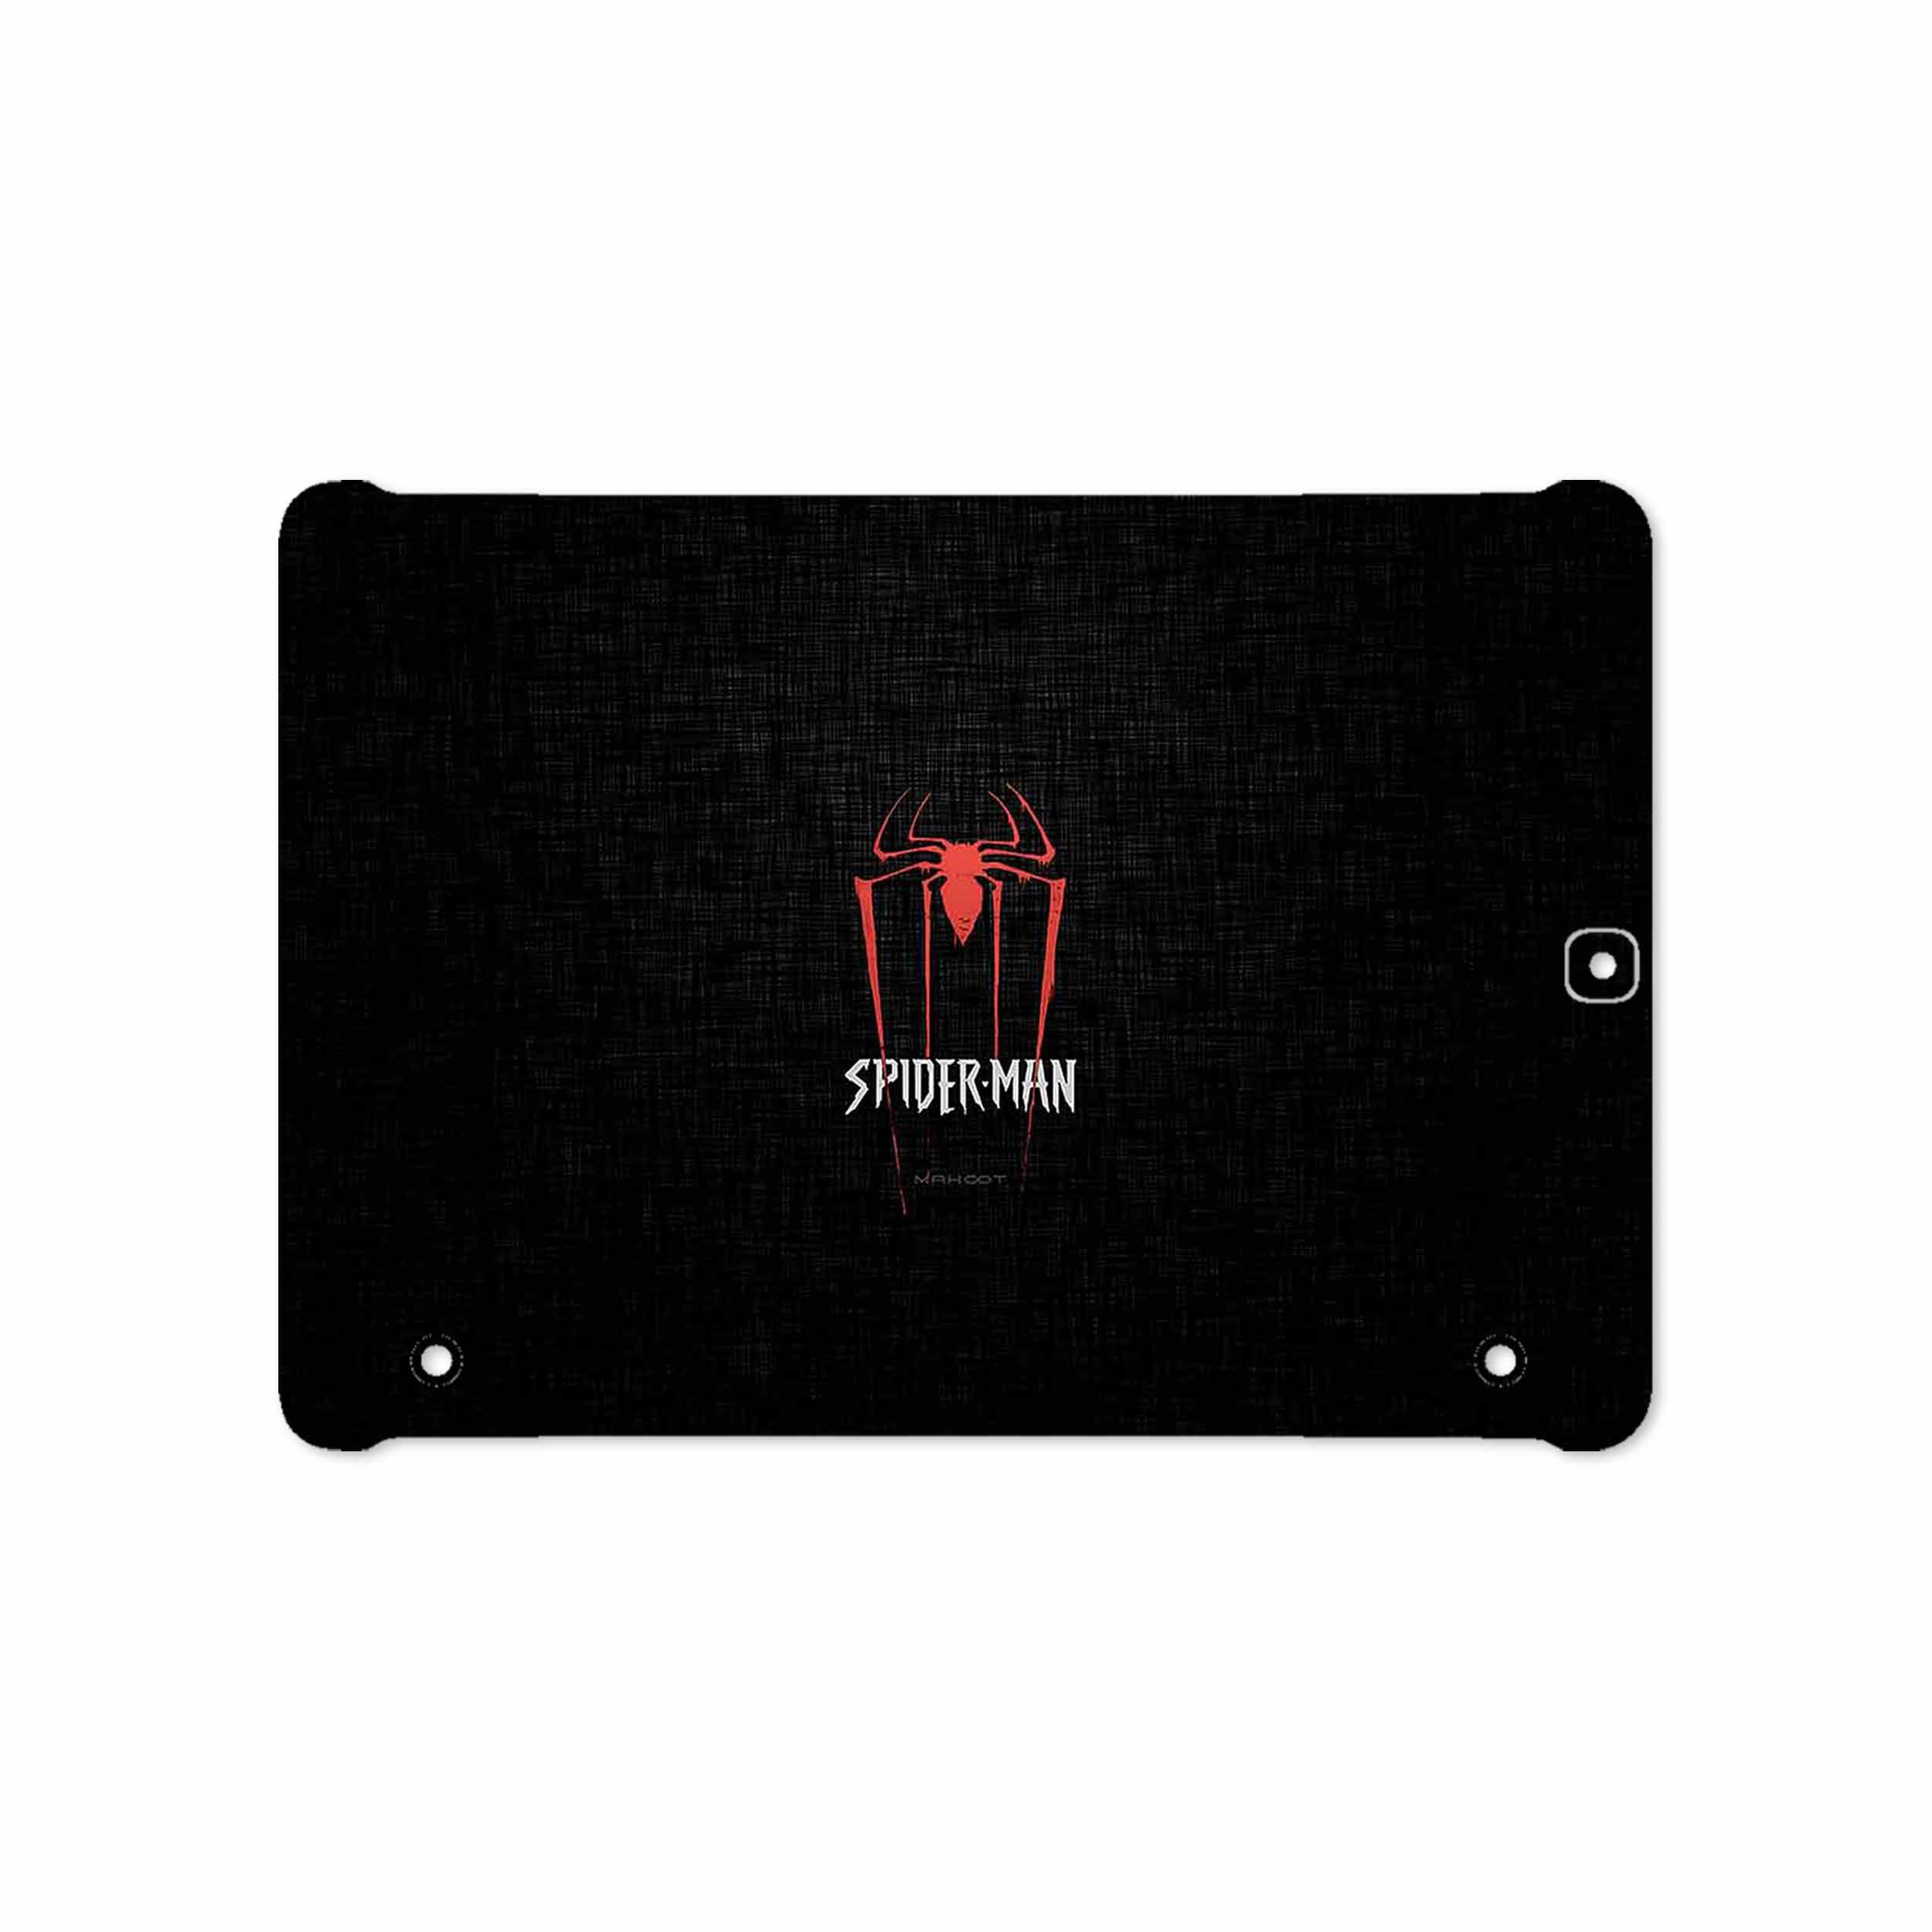 بررسی و خرید [با تخفیف]                                     برچسب پوششی ماهوت مدل Spider-Man مناسب برای تبلت سامسونگ Galaxy Tab S2 9.7 2015 T815                             اورجینال